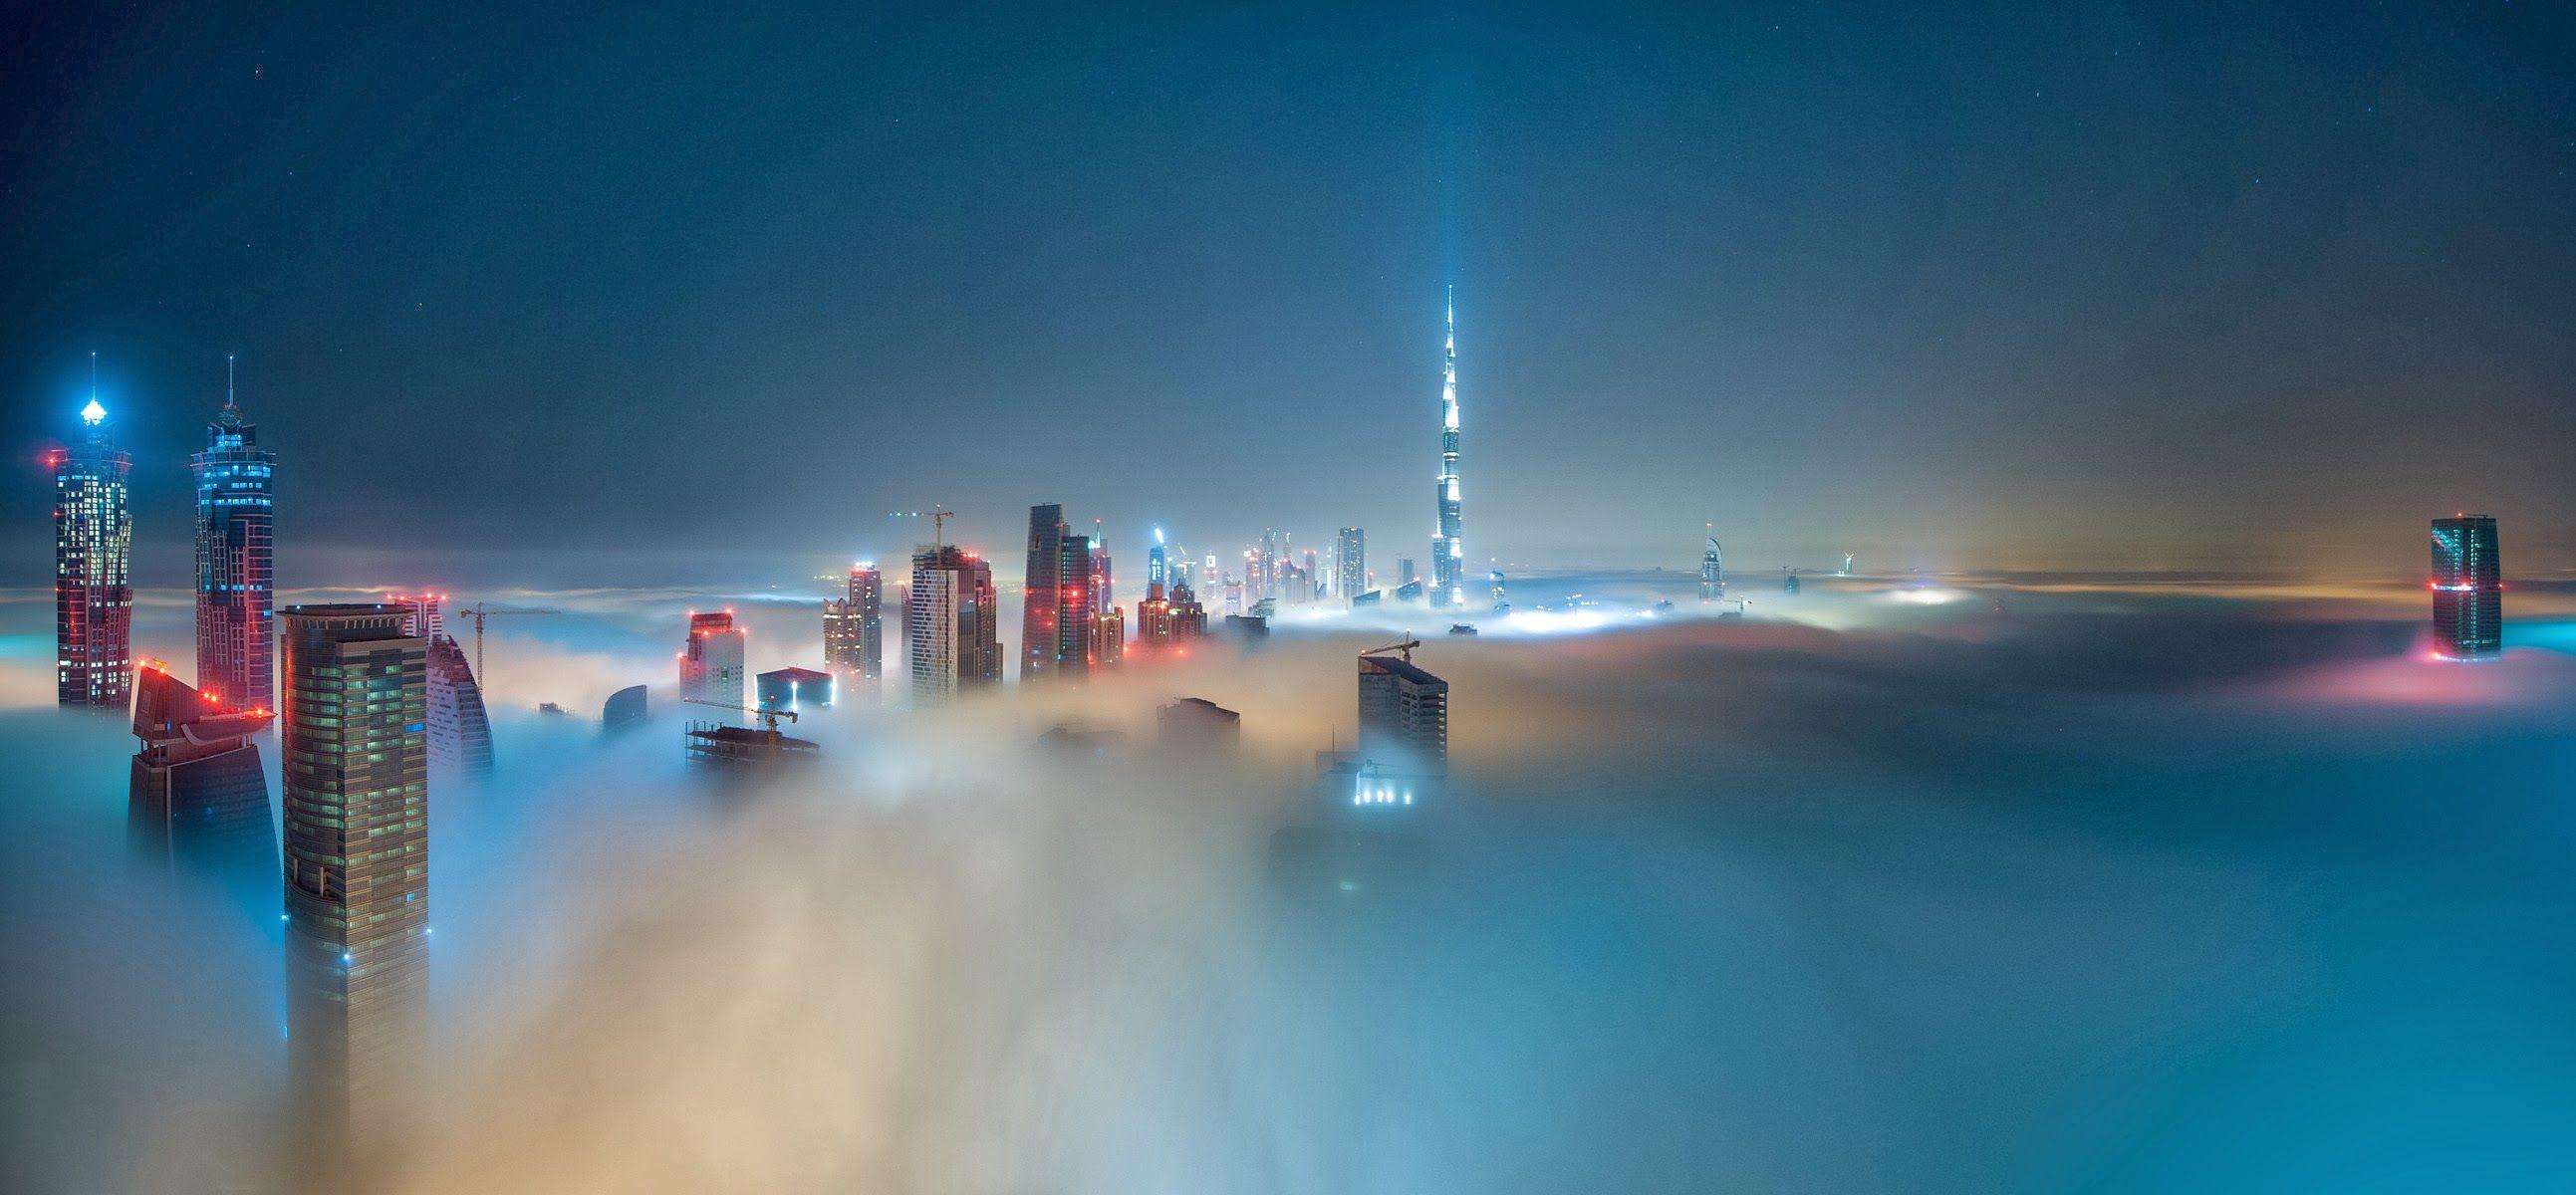 Le luci di #Dubai oltre la nebbia. Gli #EmiratiArabi Uniti che incantano con le loro metropoli nel deserto